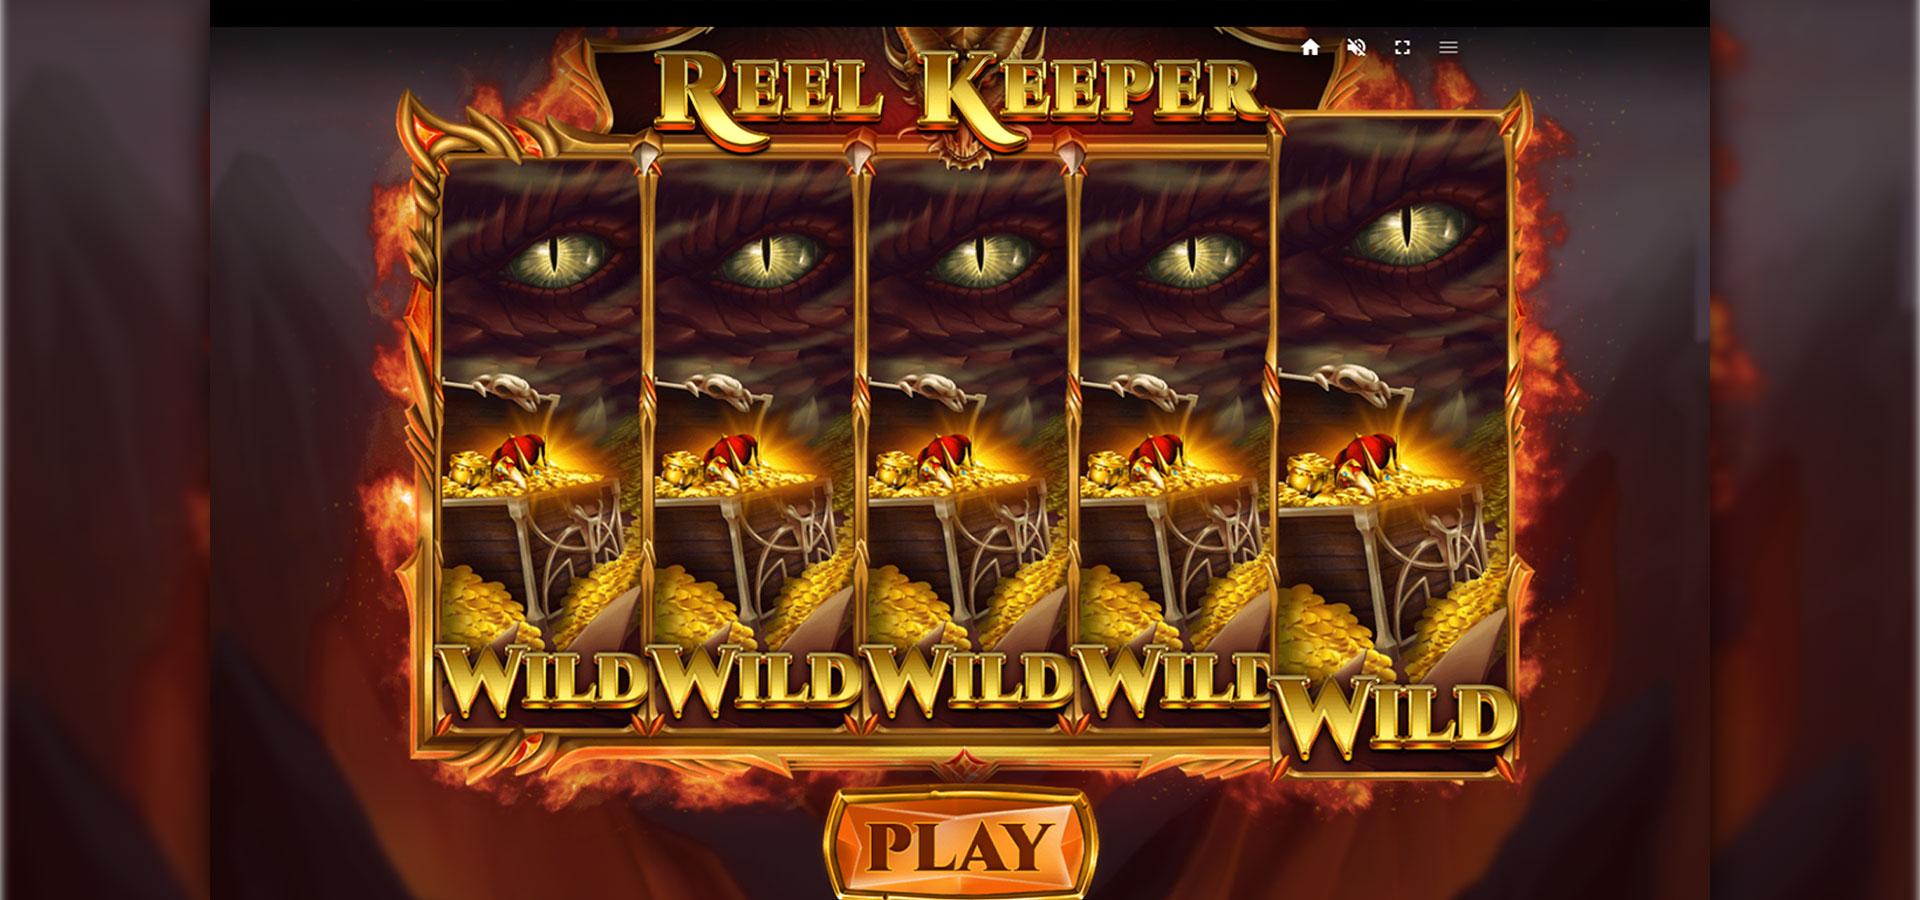 Blackjack online tipps